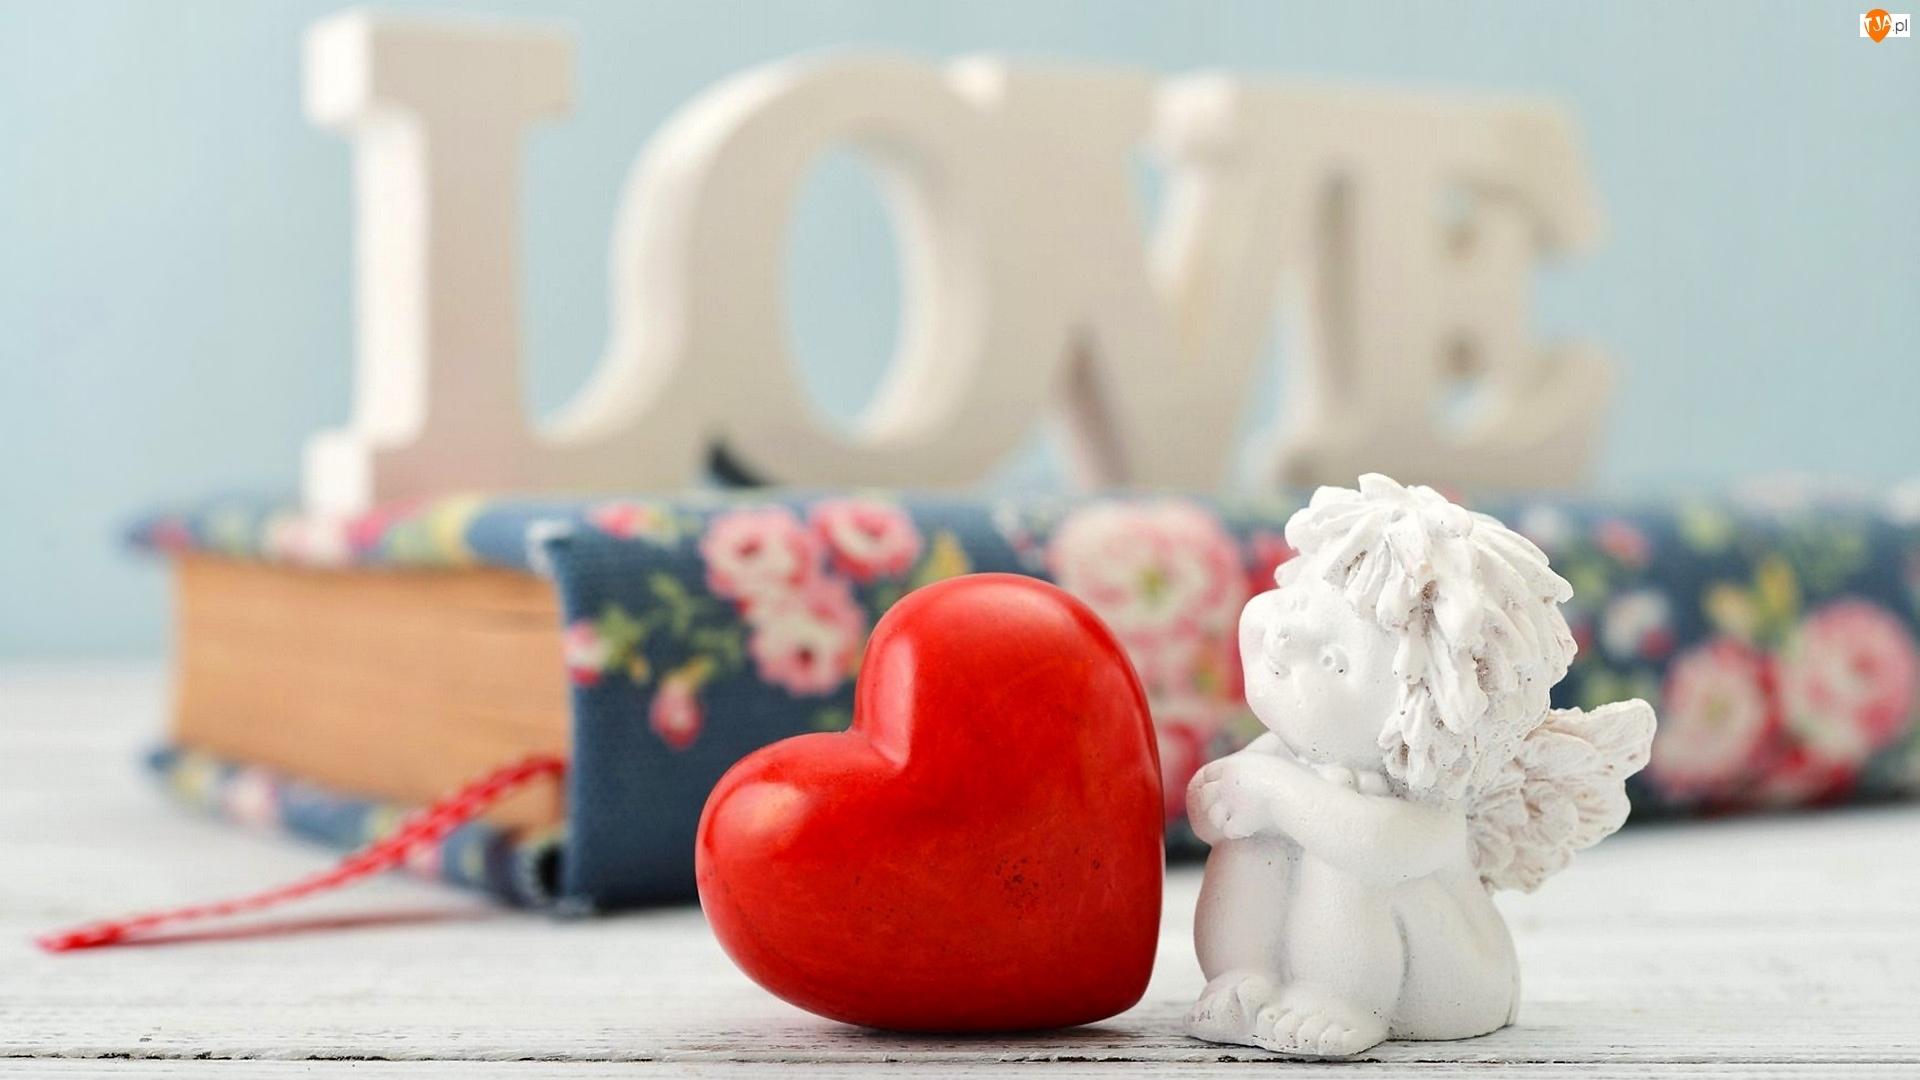 Serce, Walentynki, Dekoracja, Miłość, Aniołek